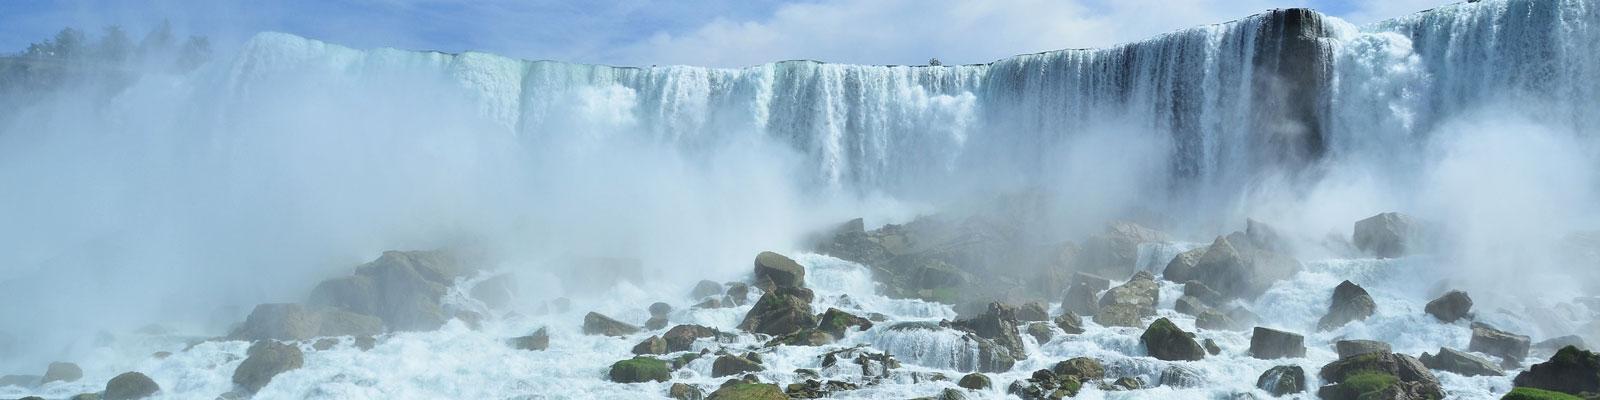 North American Vegan Travel Guide